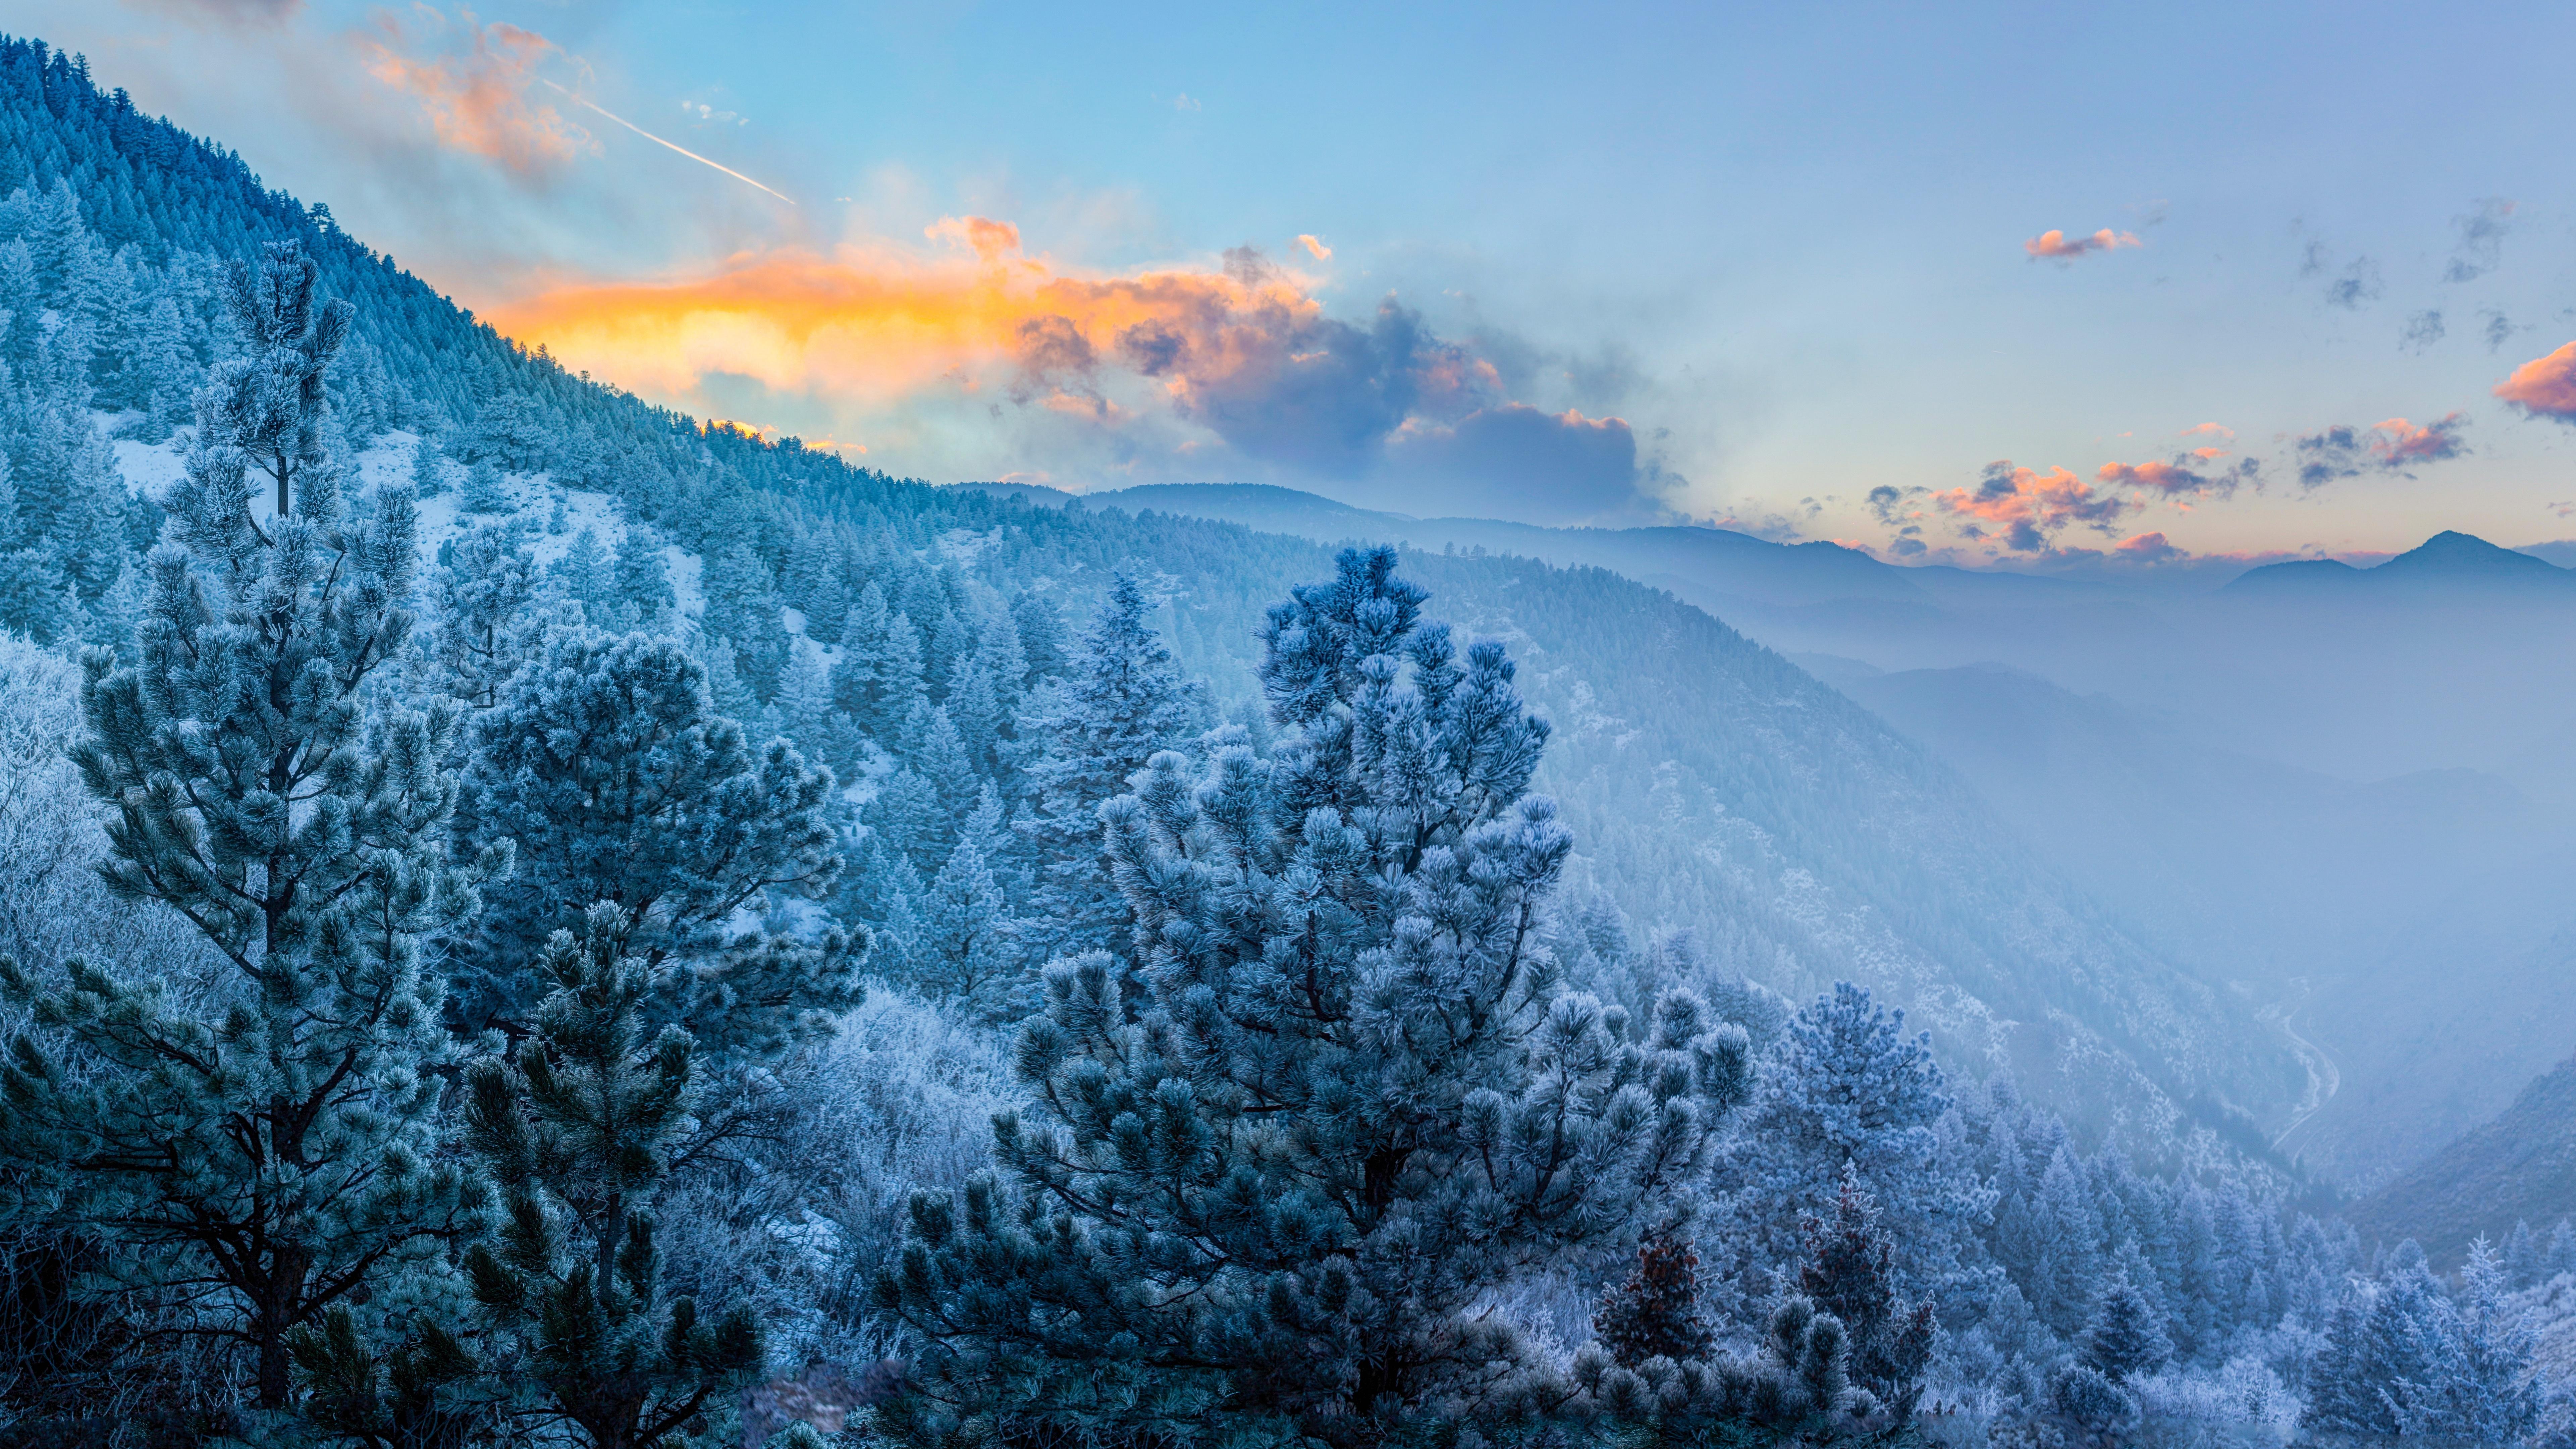 Winter landscape wallpaper